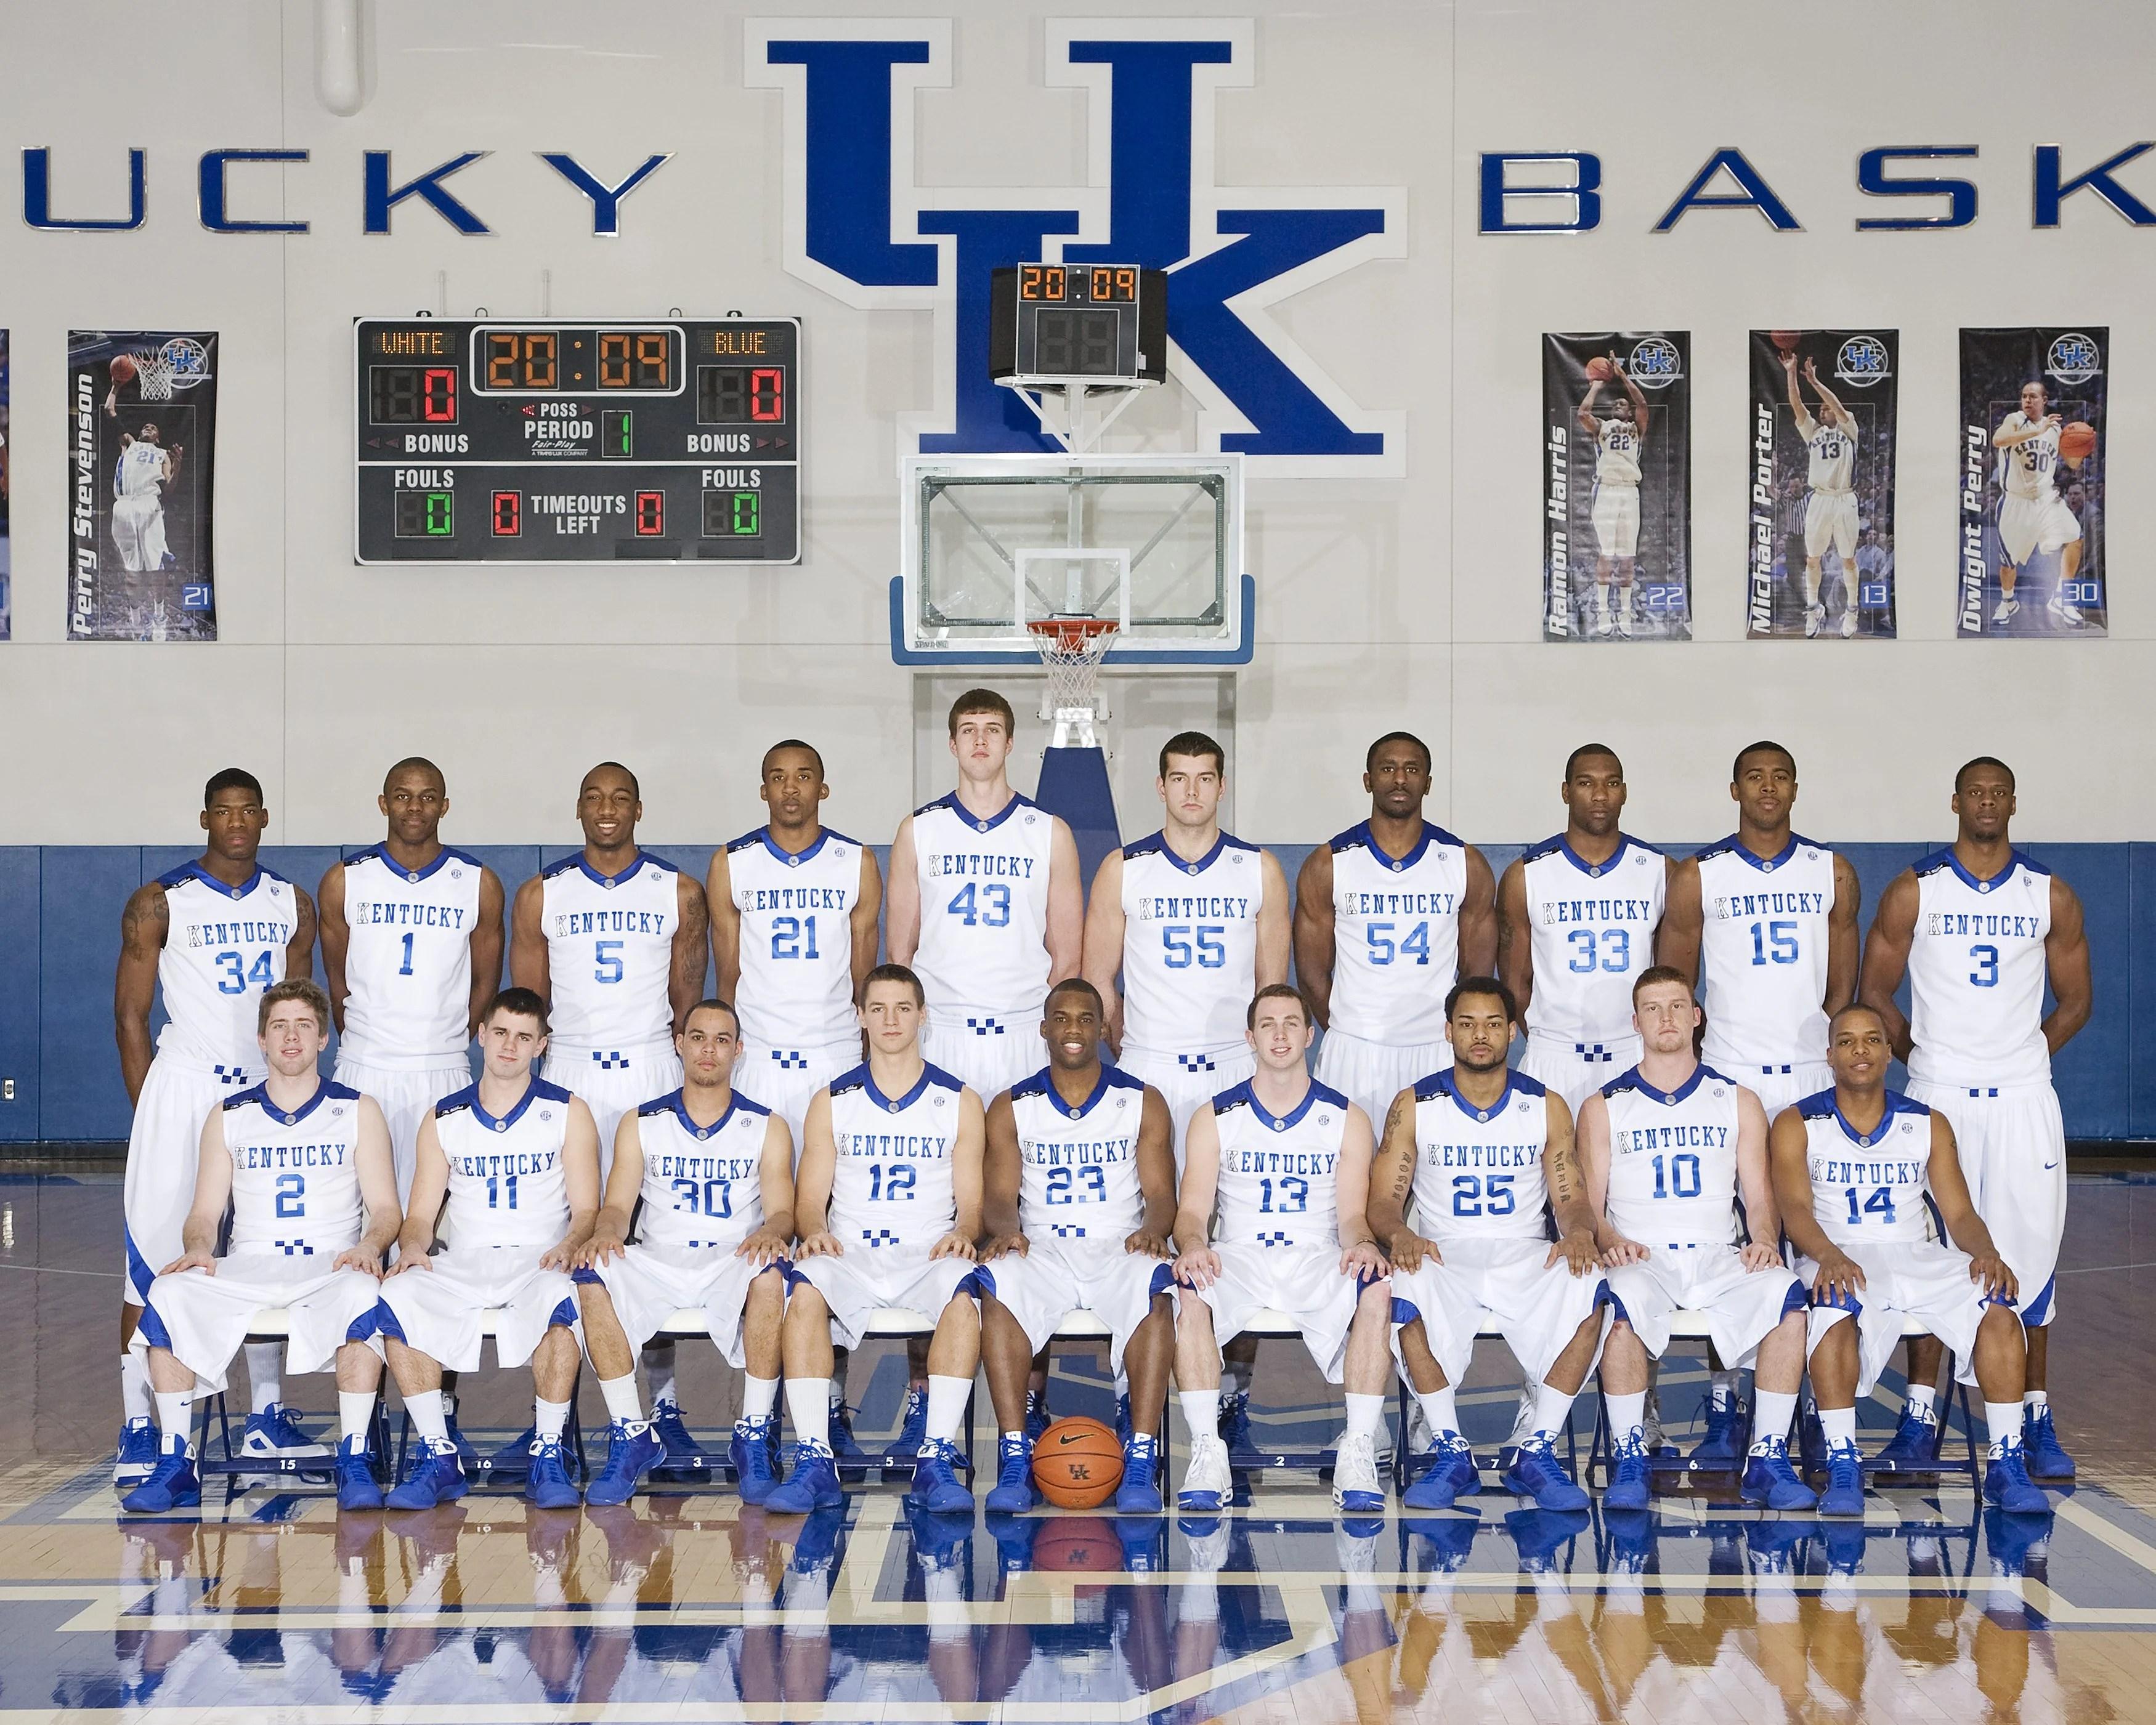 2013 2014 Kentucky Basketball Roster: 2008-2009 Kentucky Basketball Roster